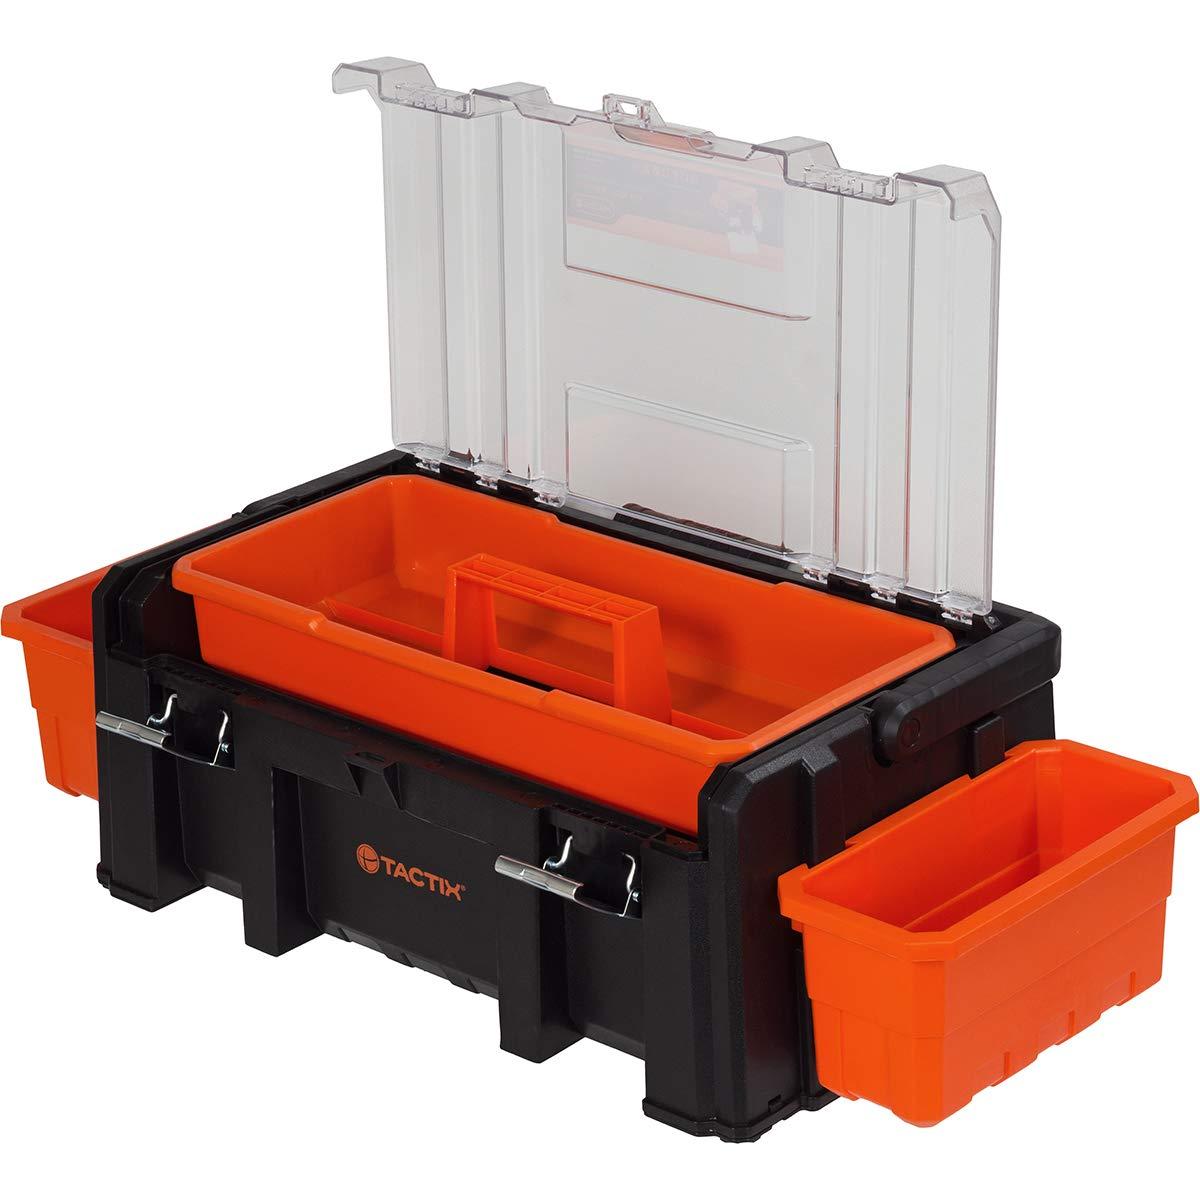 Werkzeugtasche Werkzeugkiste Kunststoff Schultergurt Alu Griff 57 x 30 x 25 cm